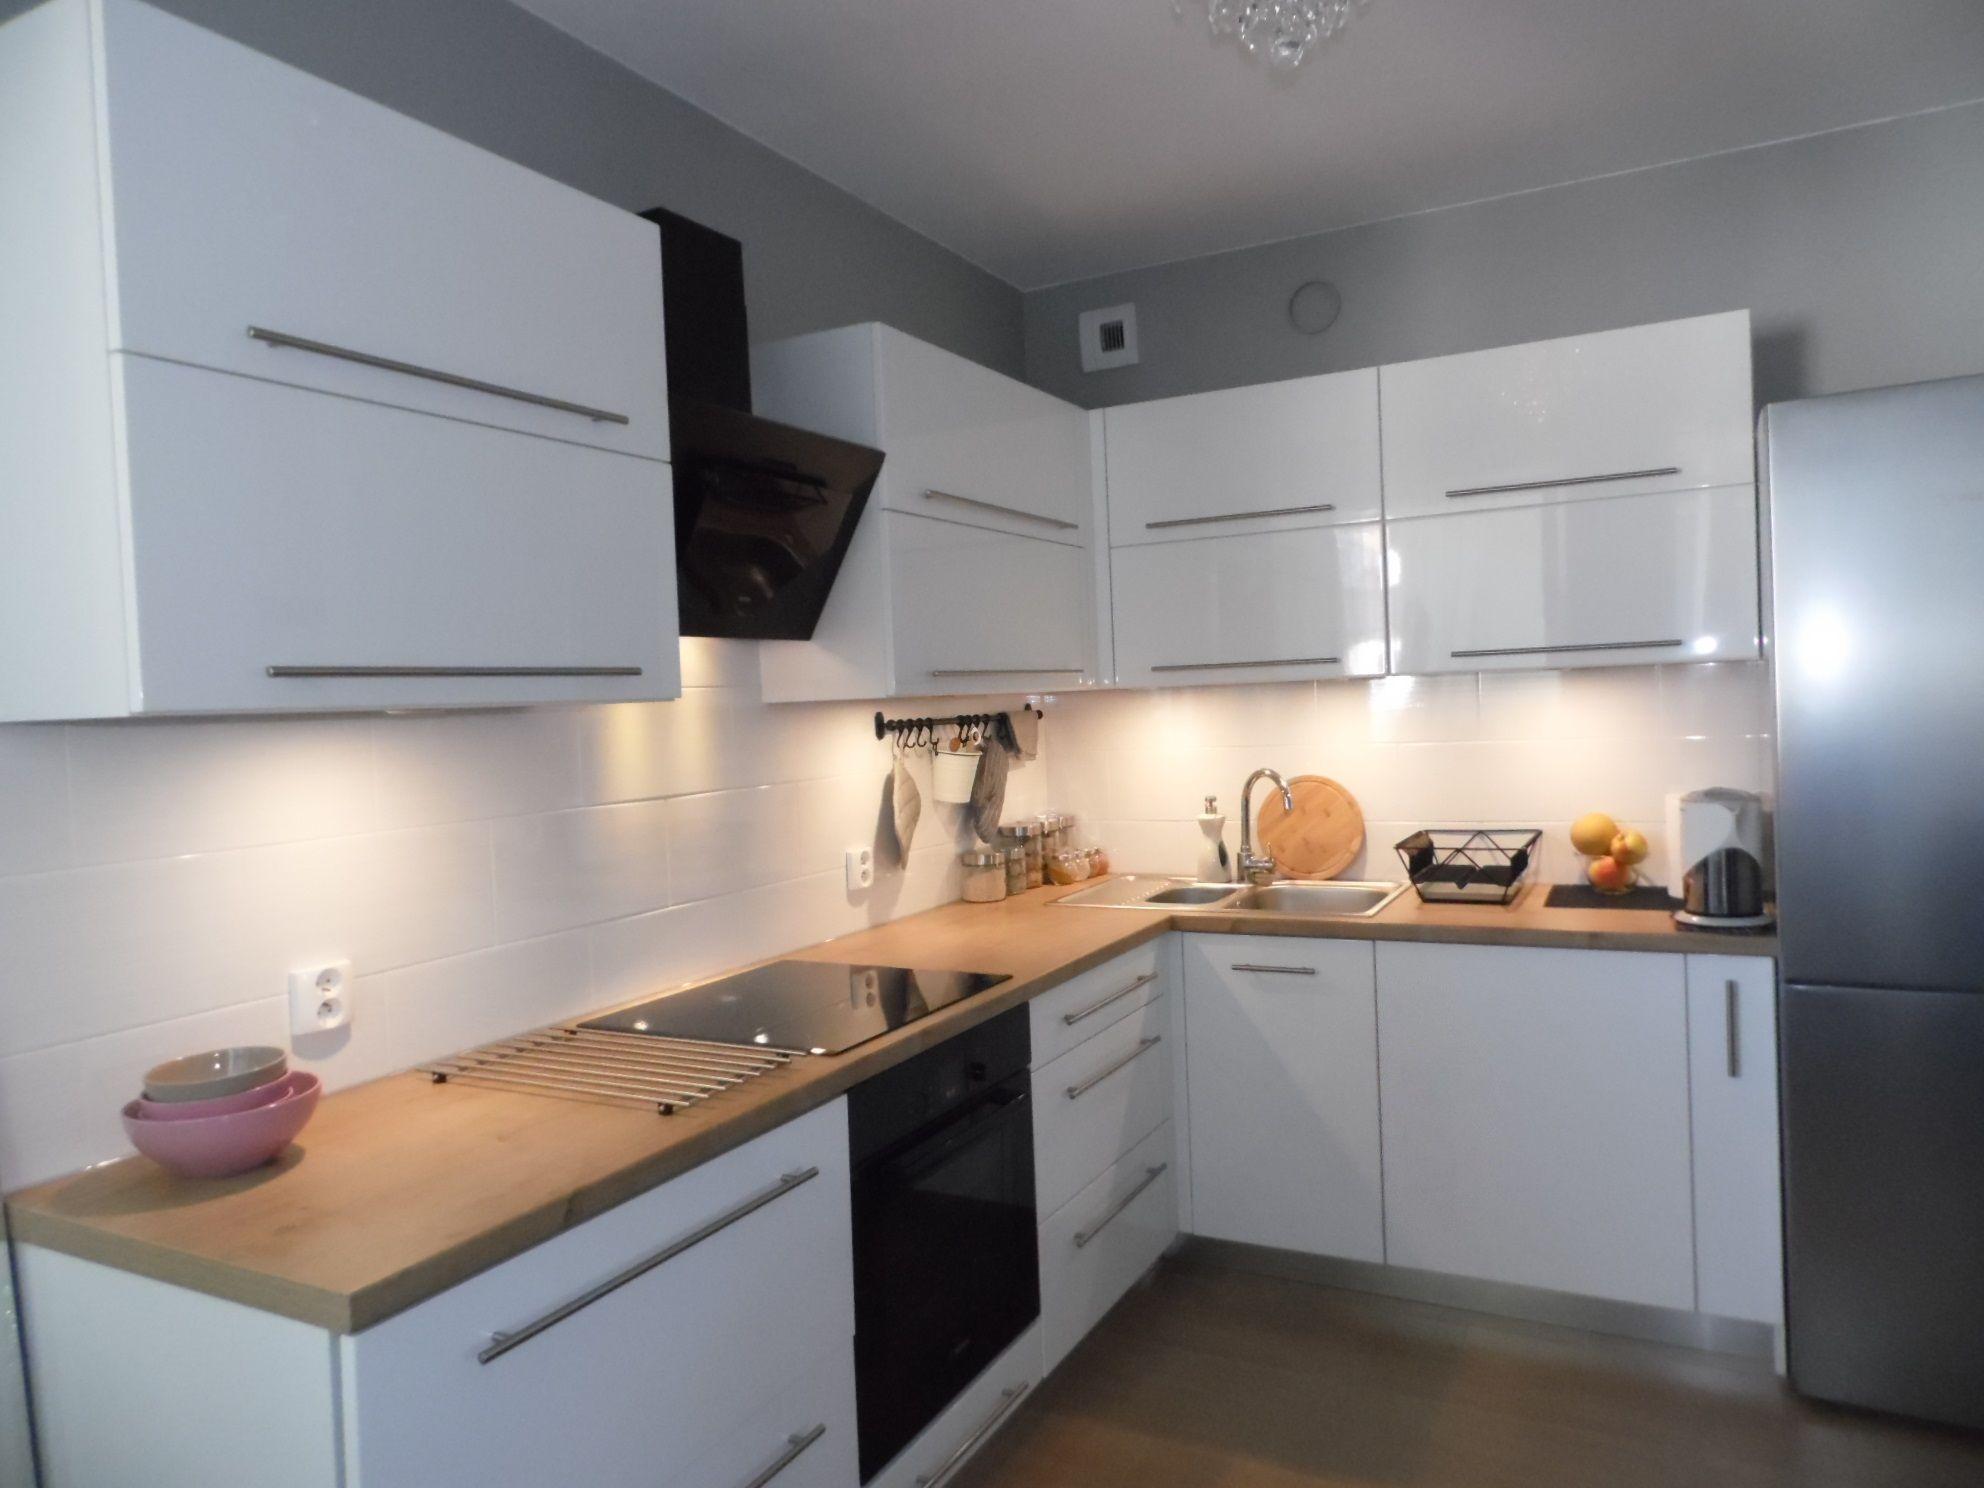 Biała Kuchnia Z Połyskiem Ikea Metod Szukaj W Google Kuchnia